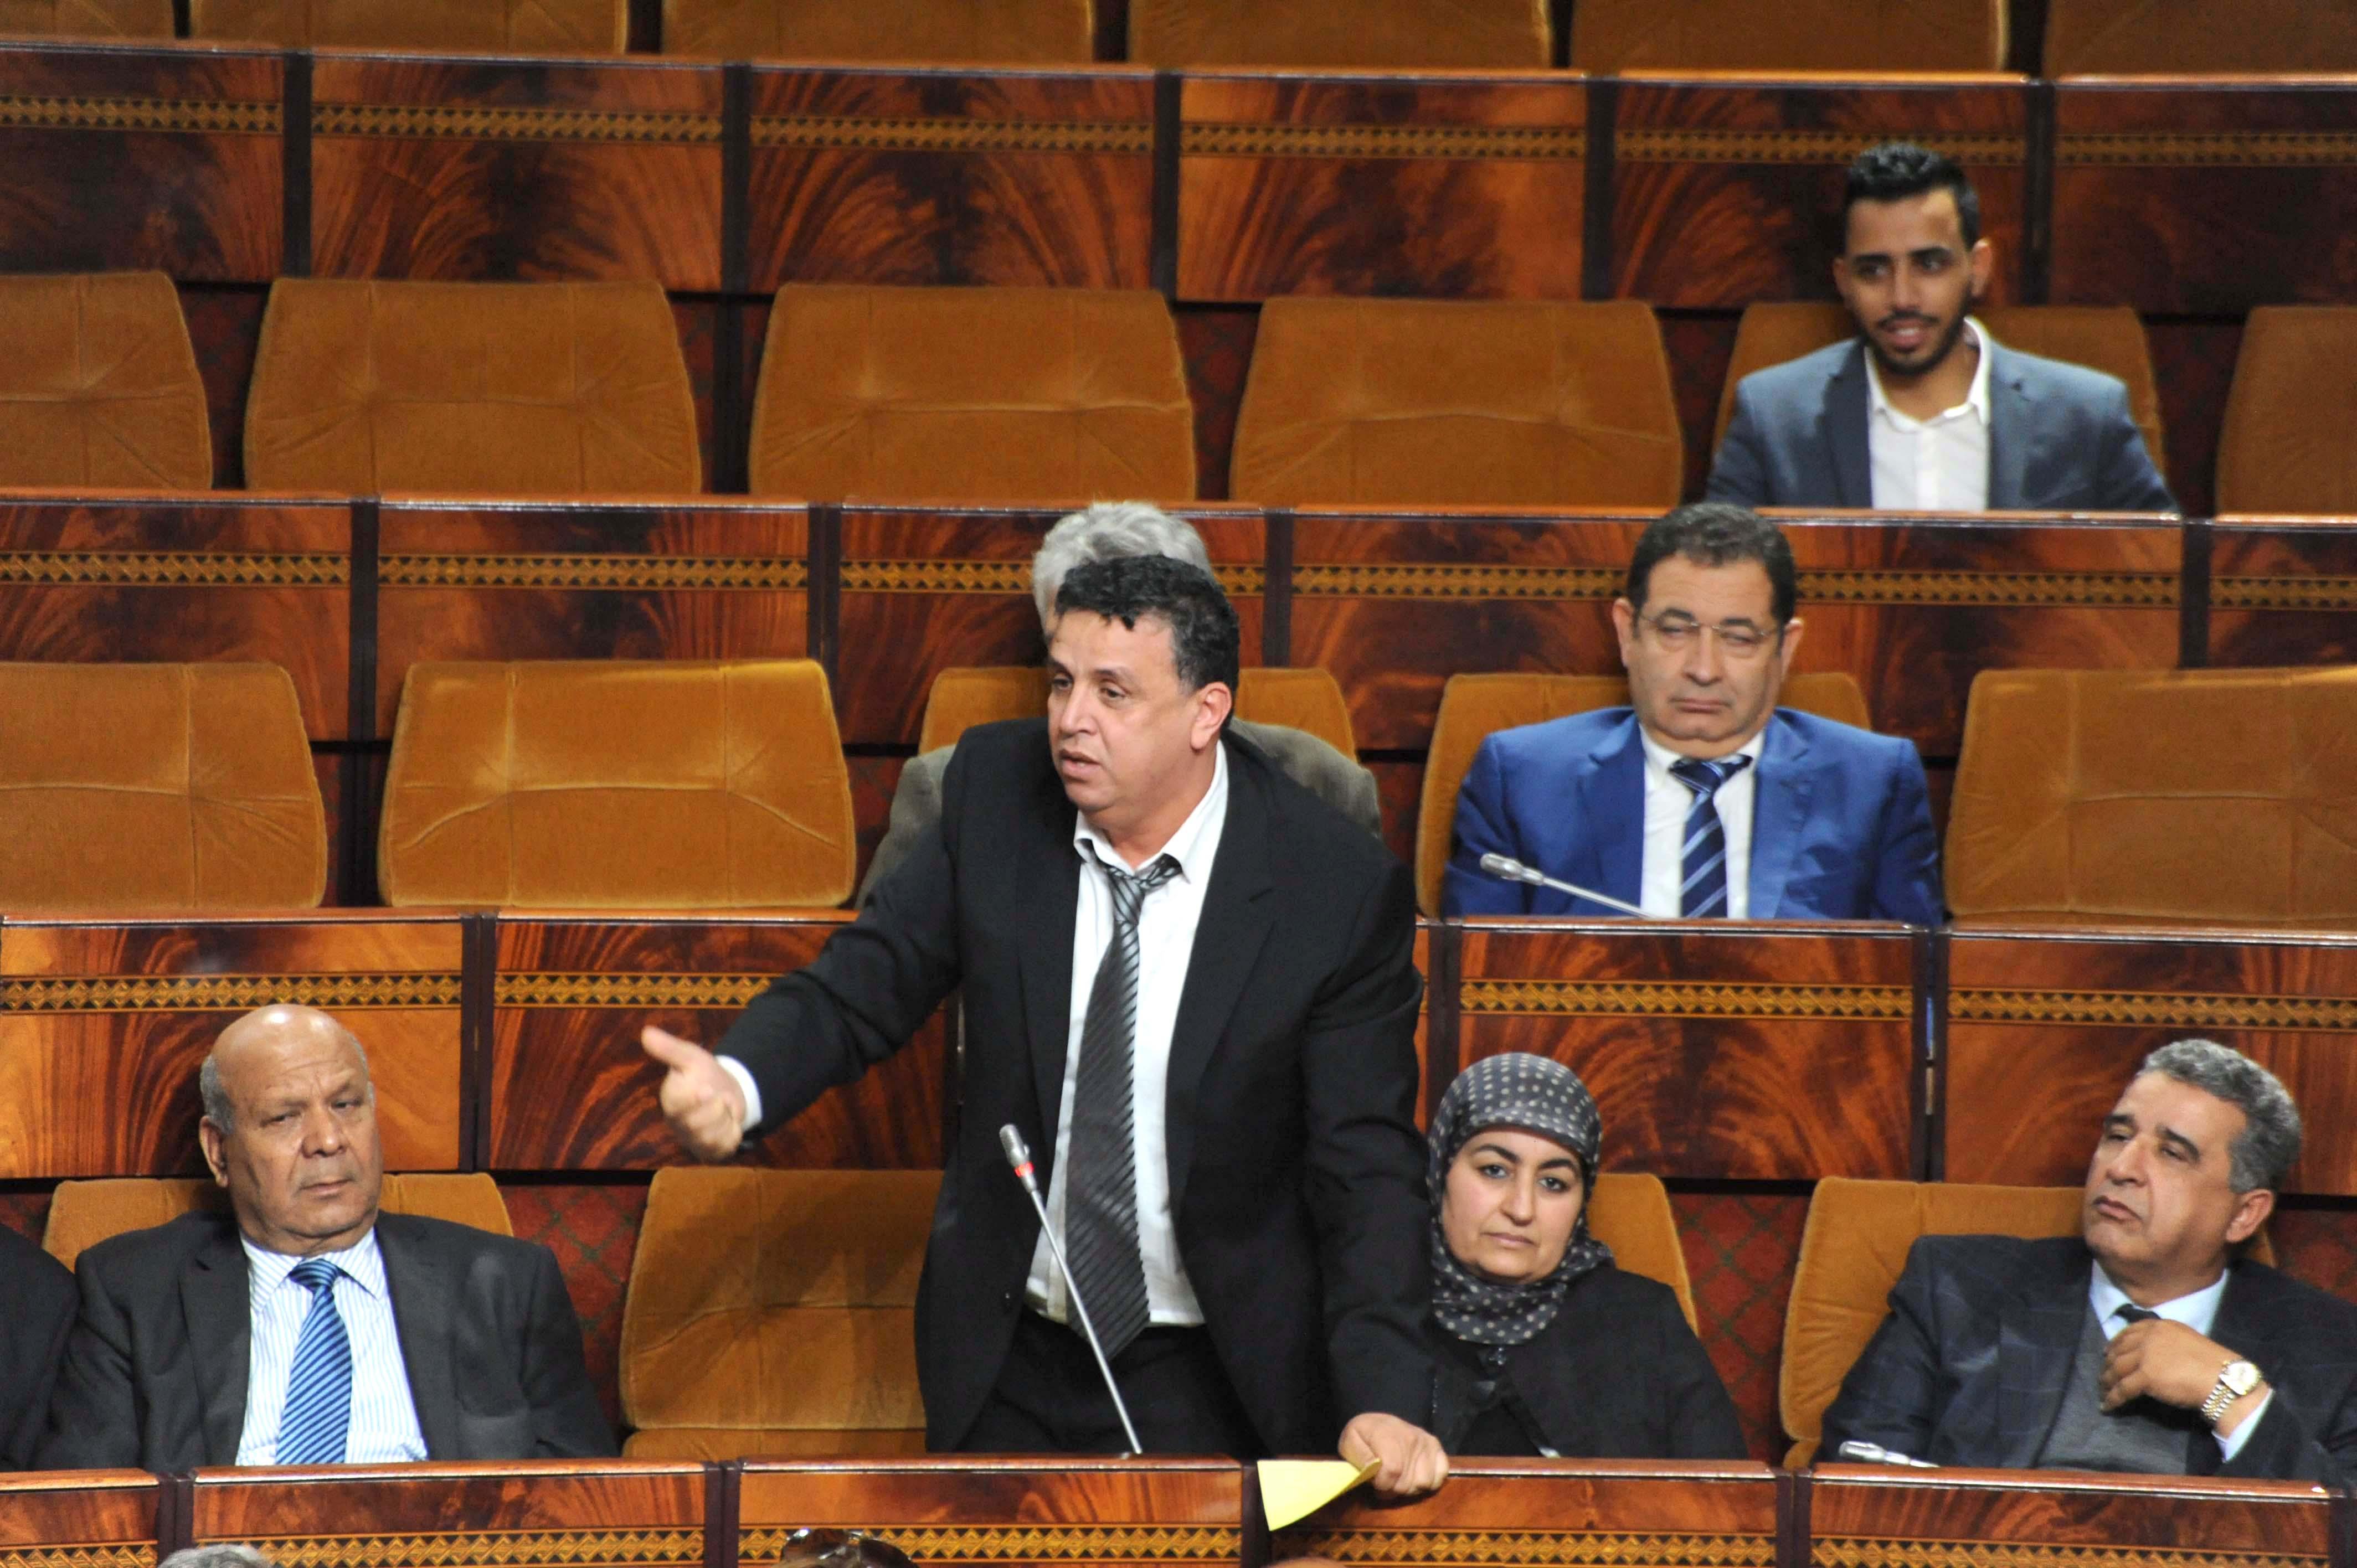 وهبي: انتقائية وزير العدل مع القانون الجنائي رسائل سياسية واختيارا غير بريء